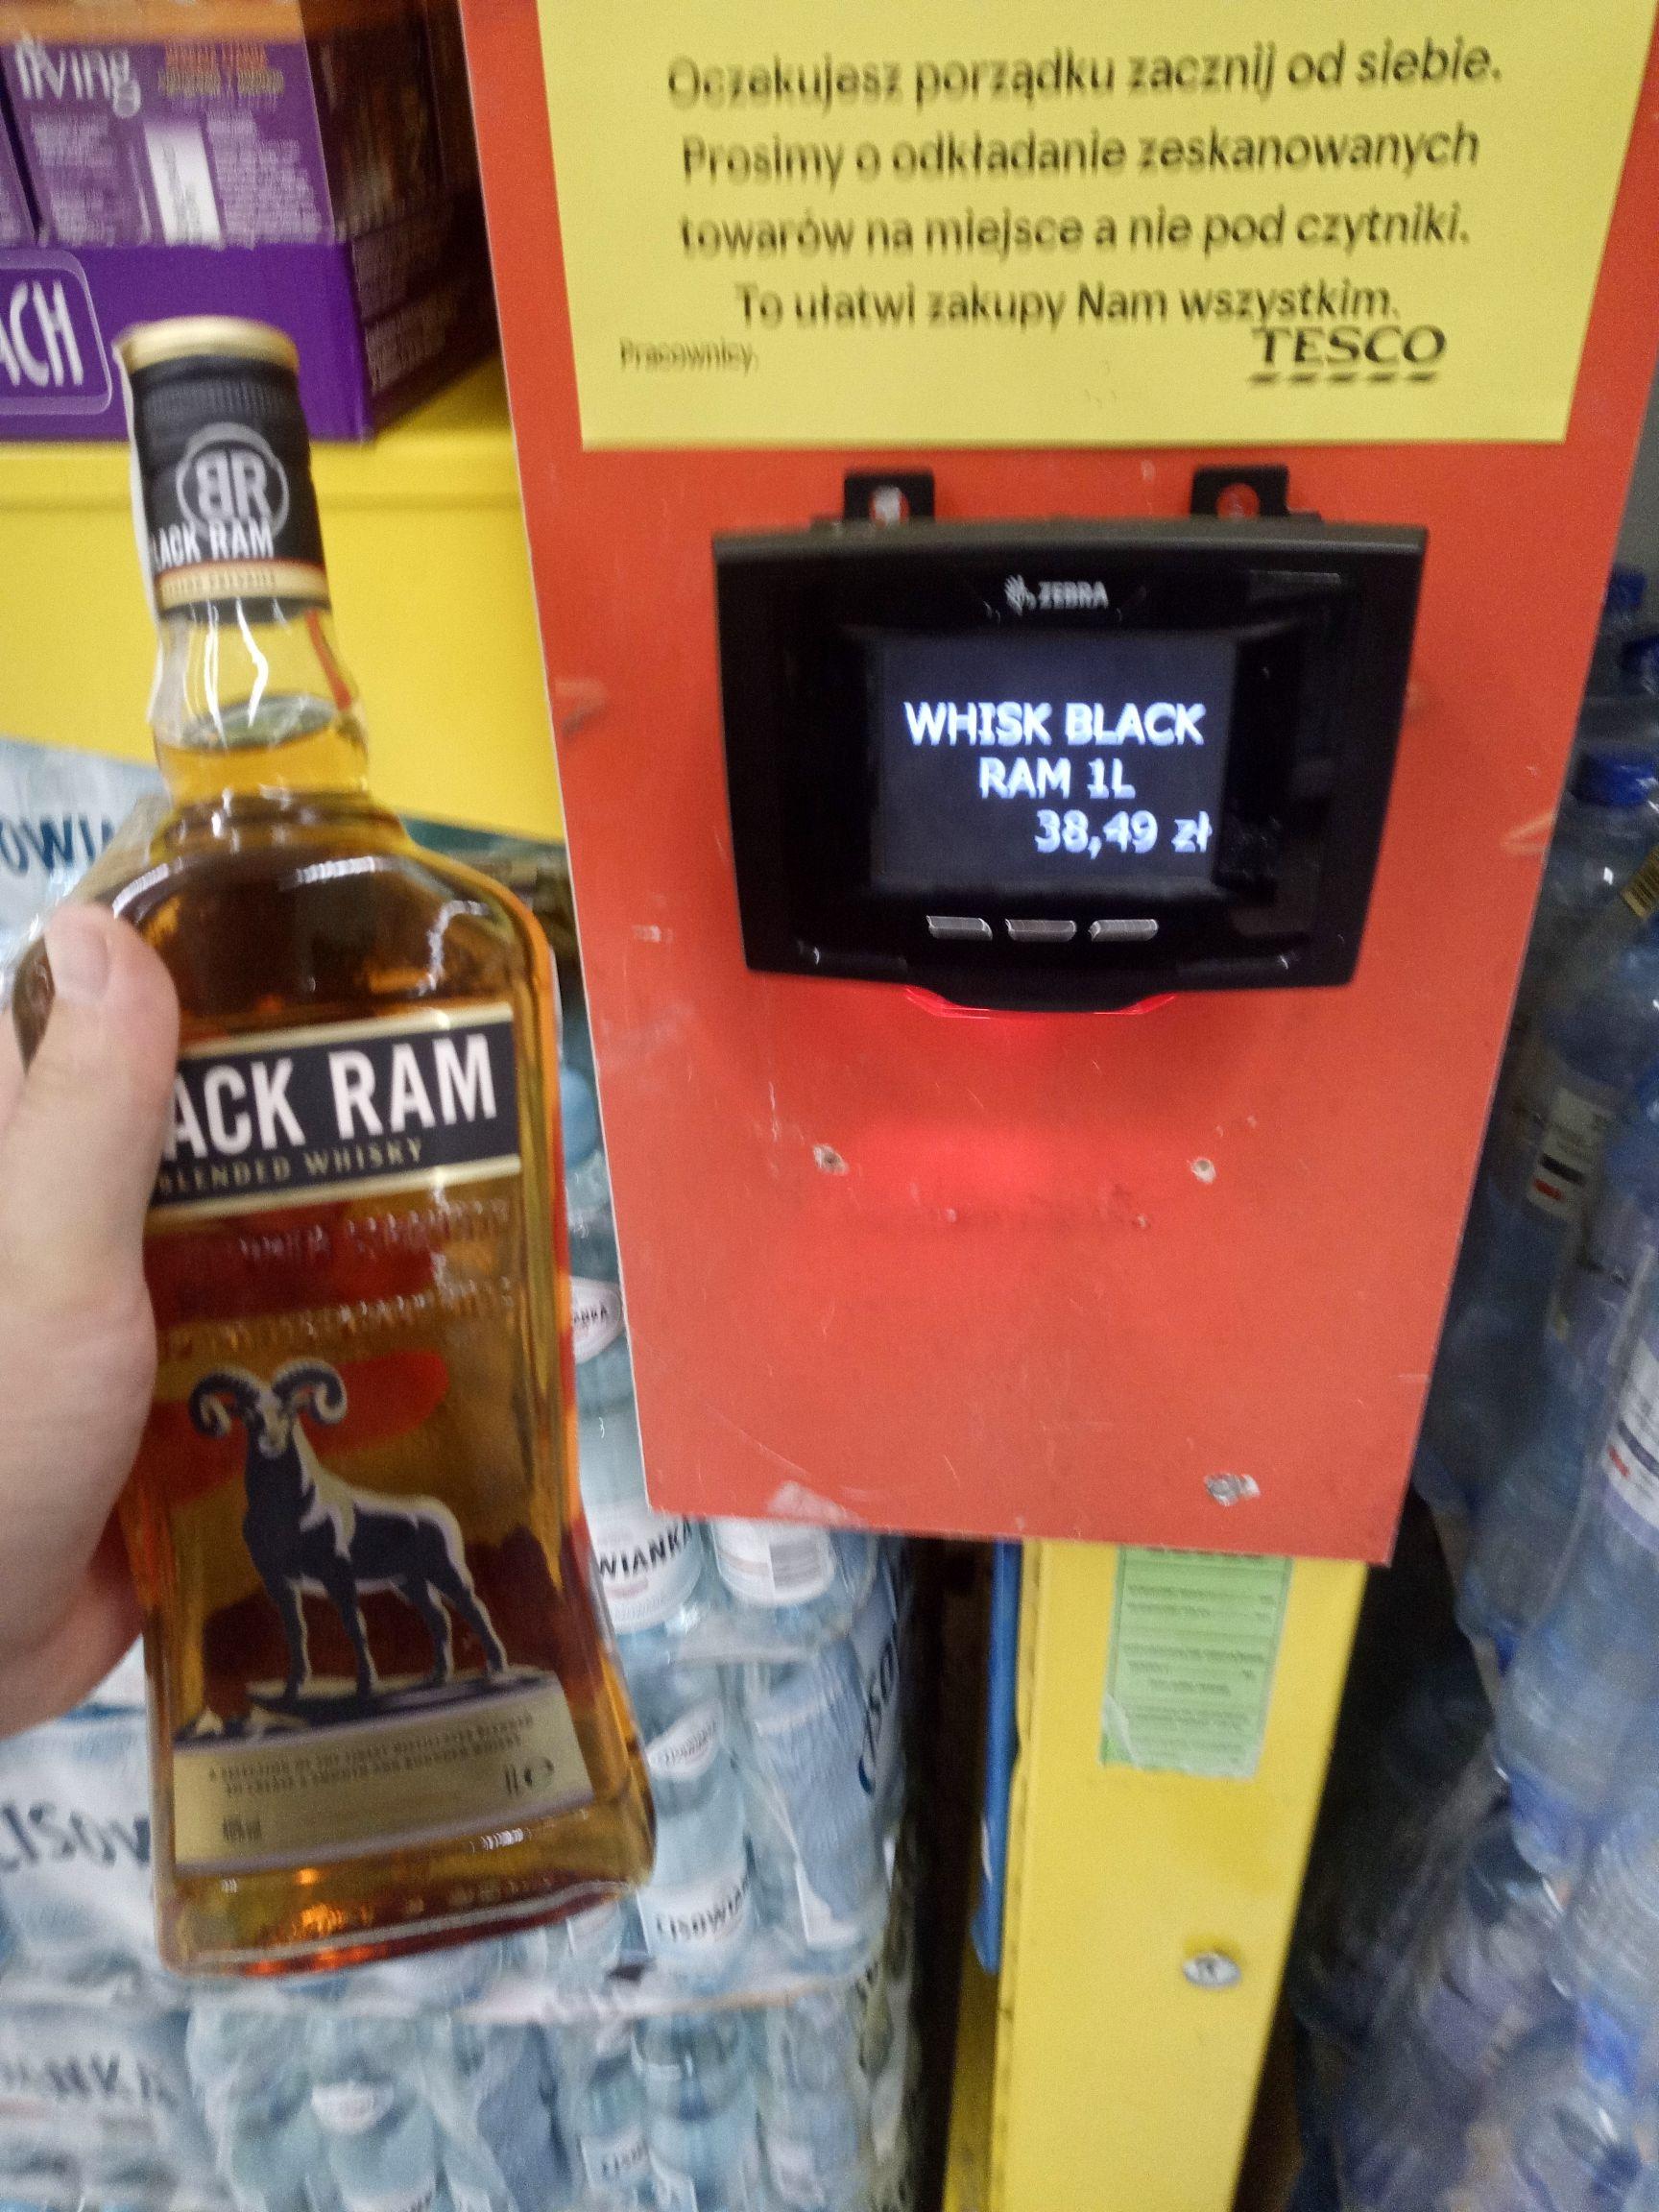 Whiskey BLACK RAM 1 litr Tesco